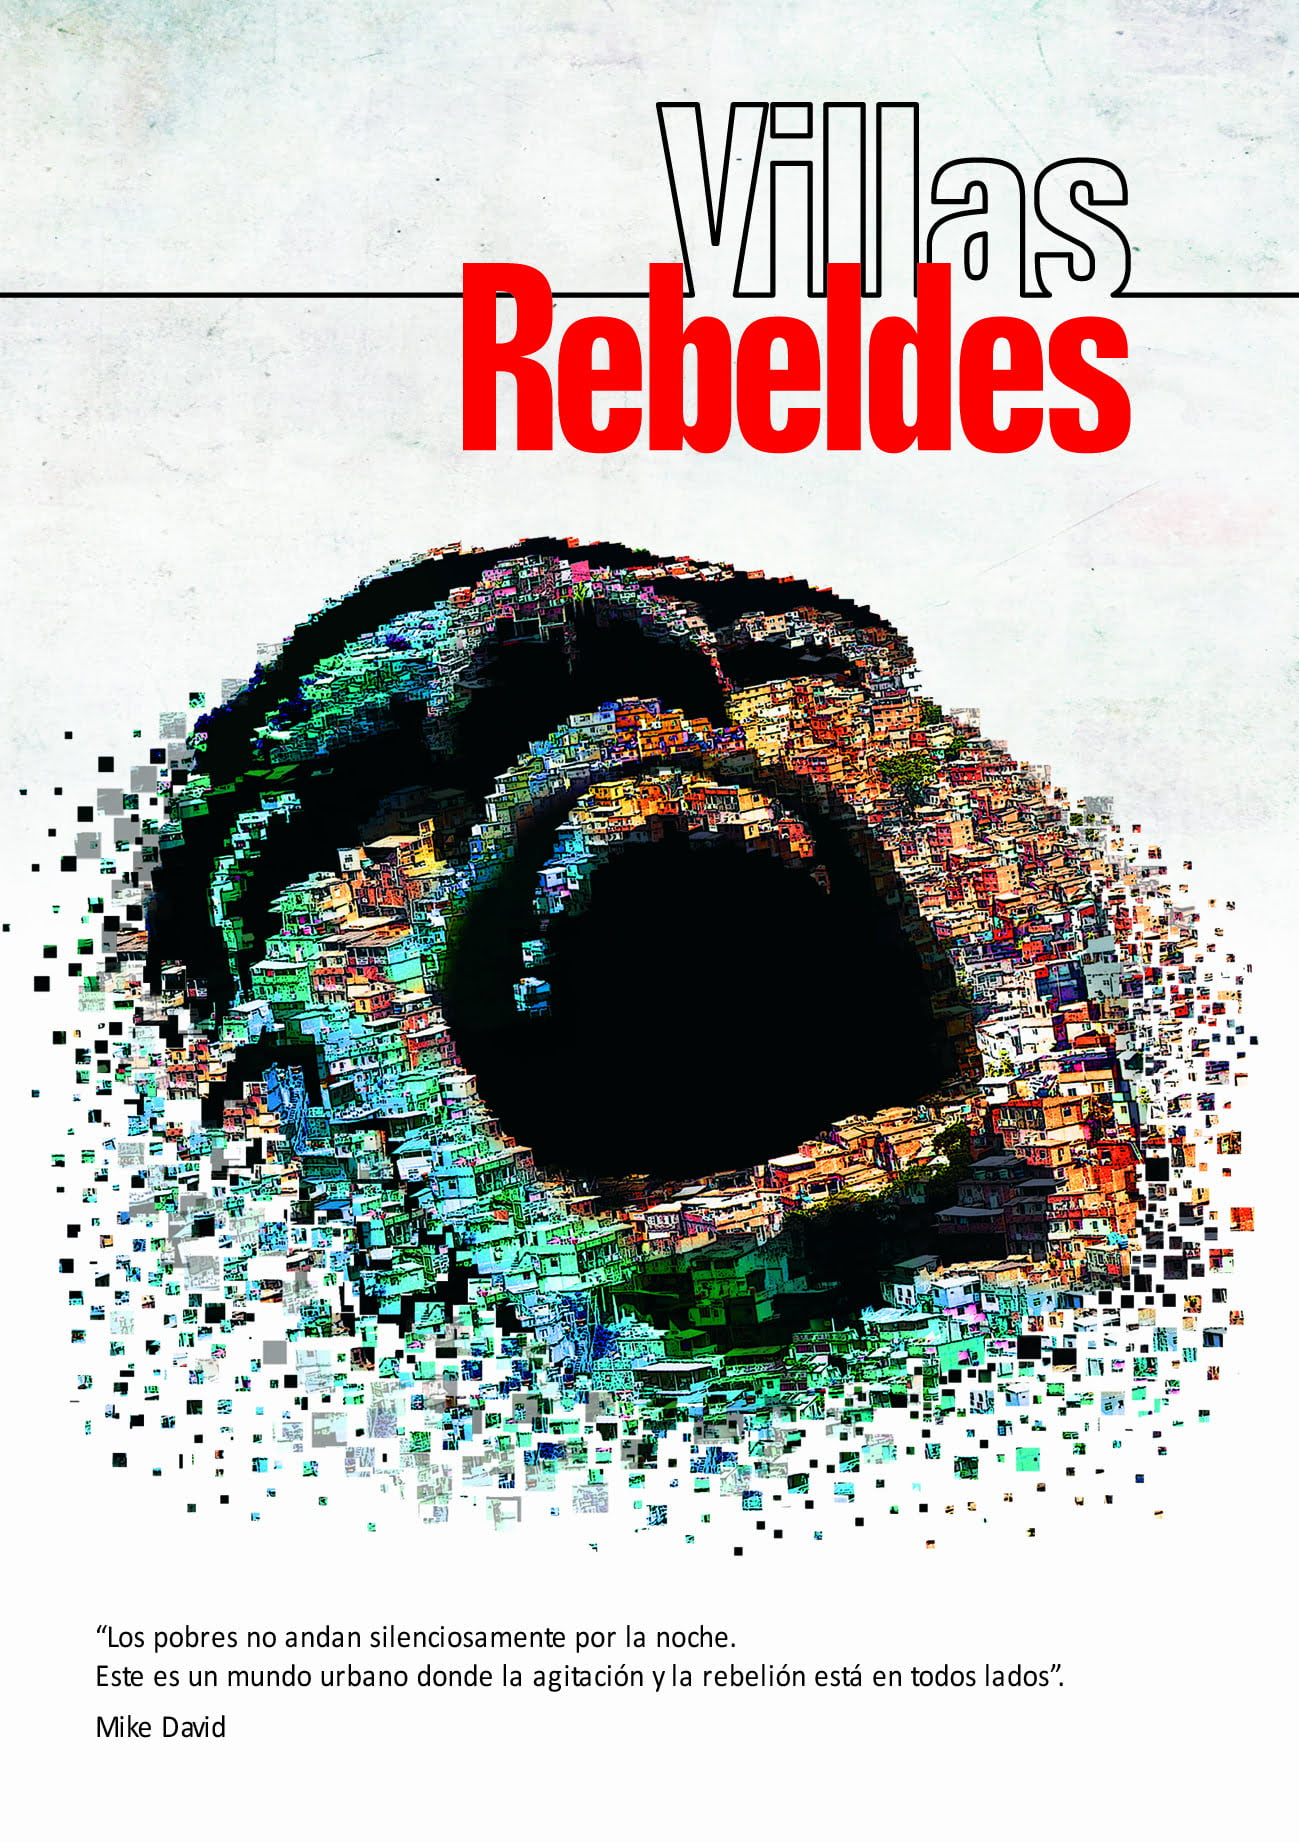 Estudio: Los métodos de lucha y organización minera se trasladaron a Santiago II durante la Guerra del Gas (PIEB, 22.11.13)